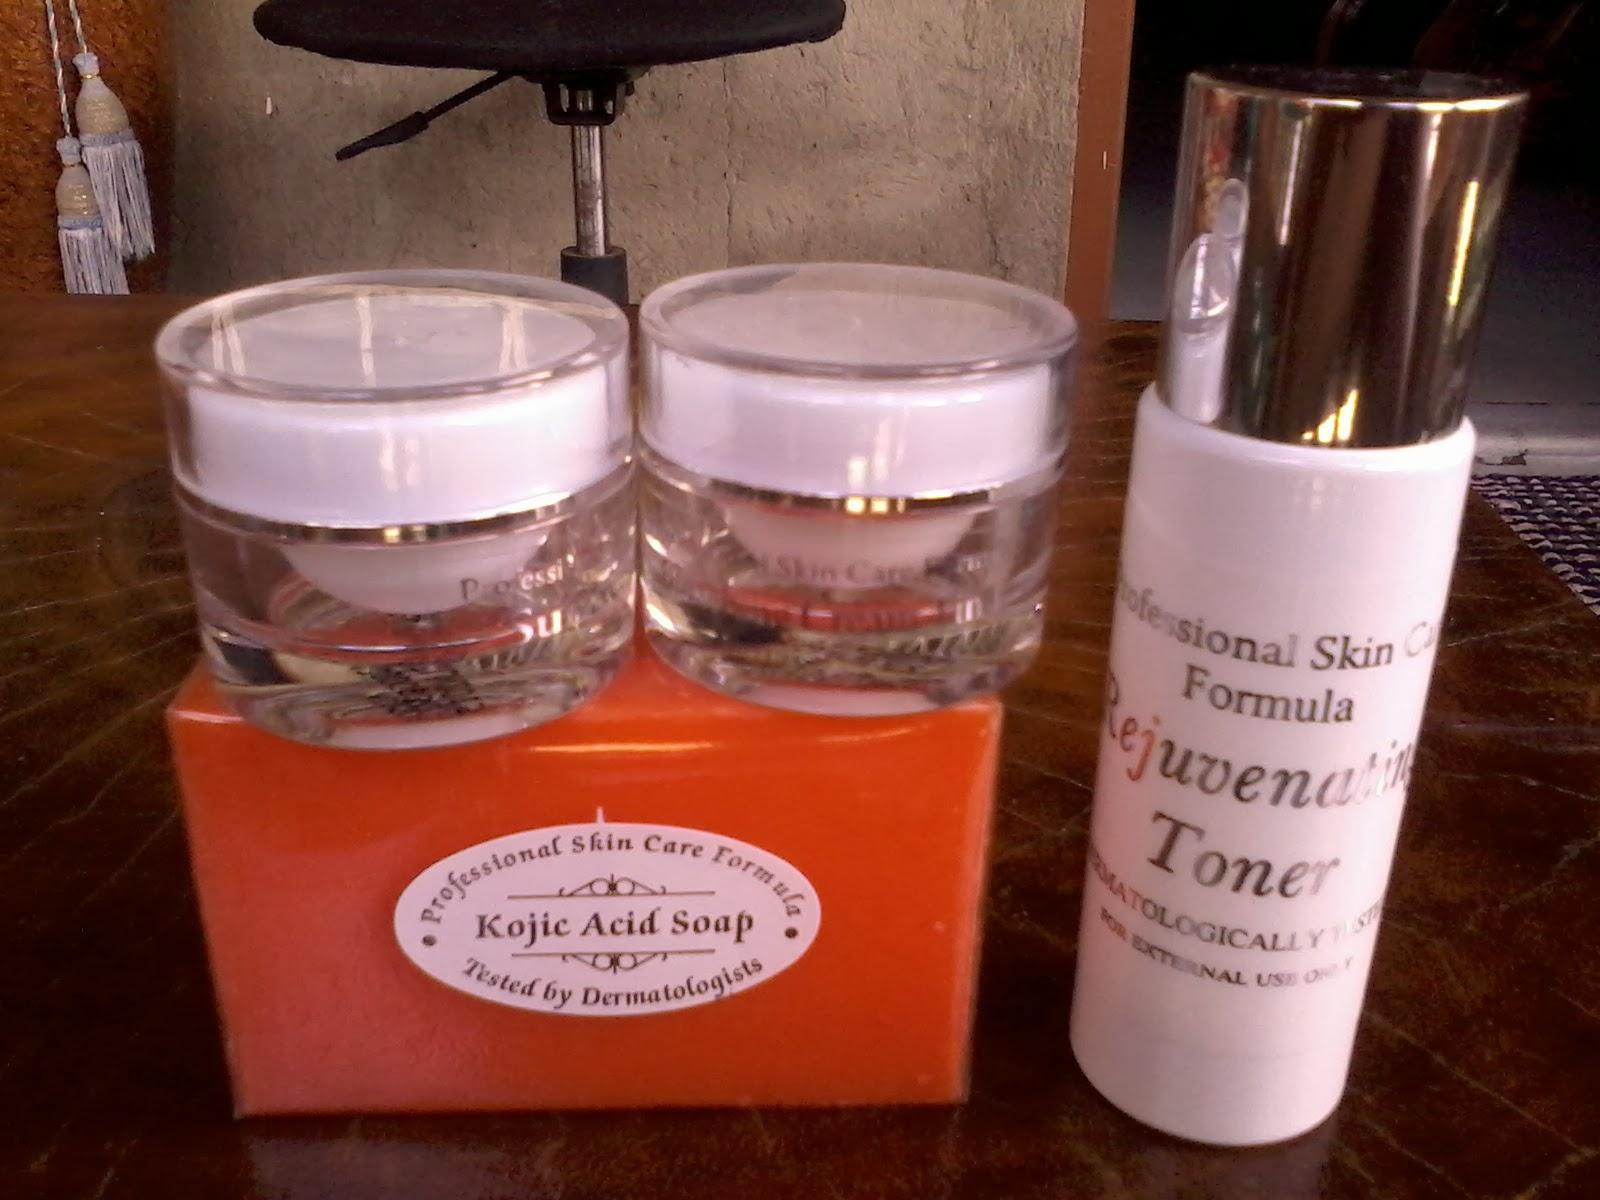 Rejuvenating skin care